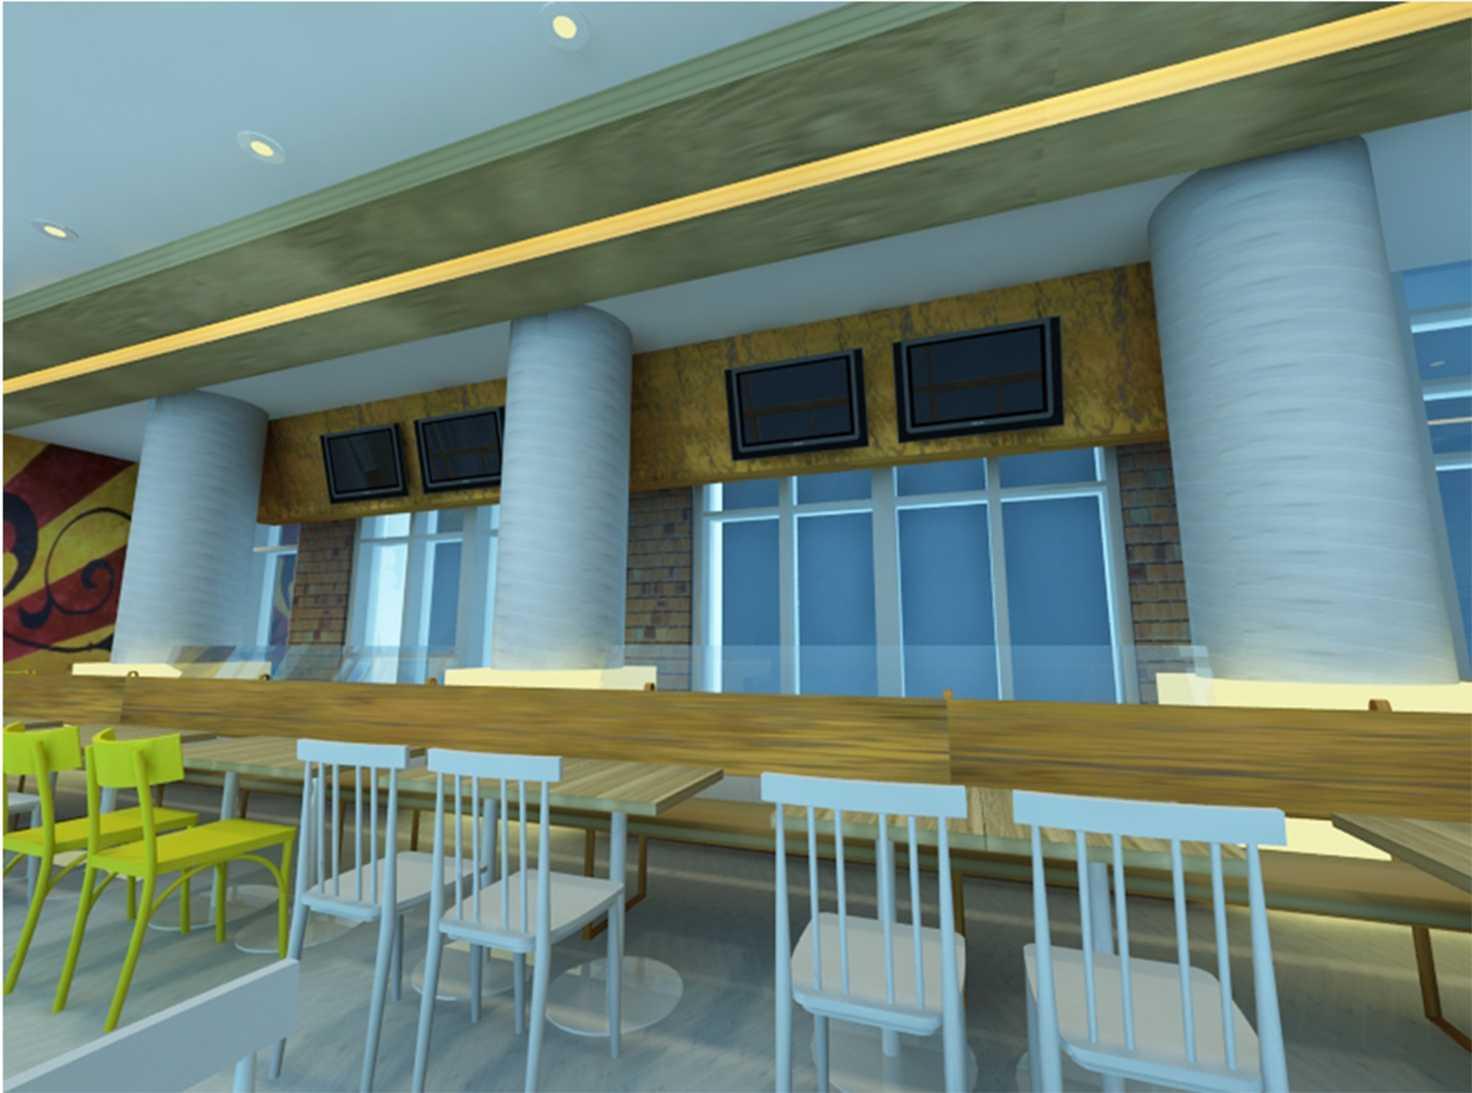 Pt. Labblu Creatif Ide Picante Resto Jakarta, Indonesia Jakarta, Indonesia Render-Resto-Area  17171